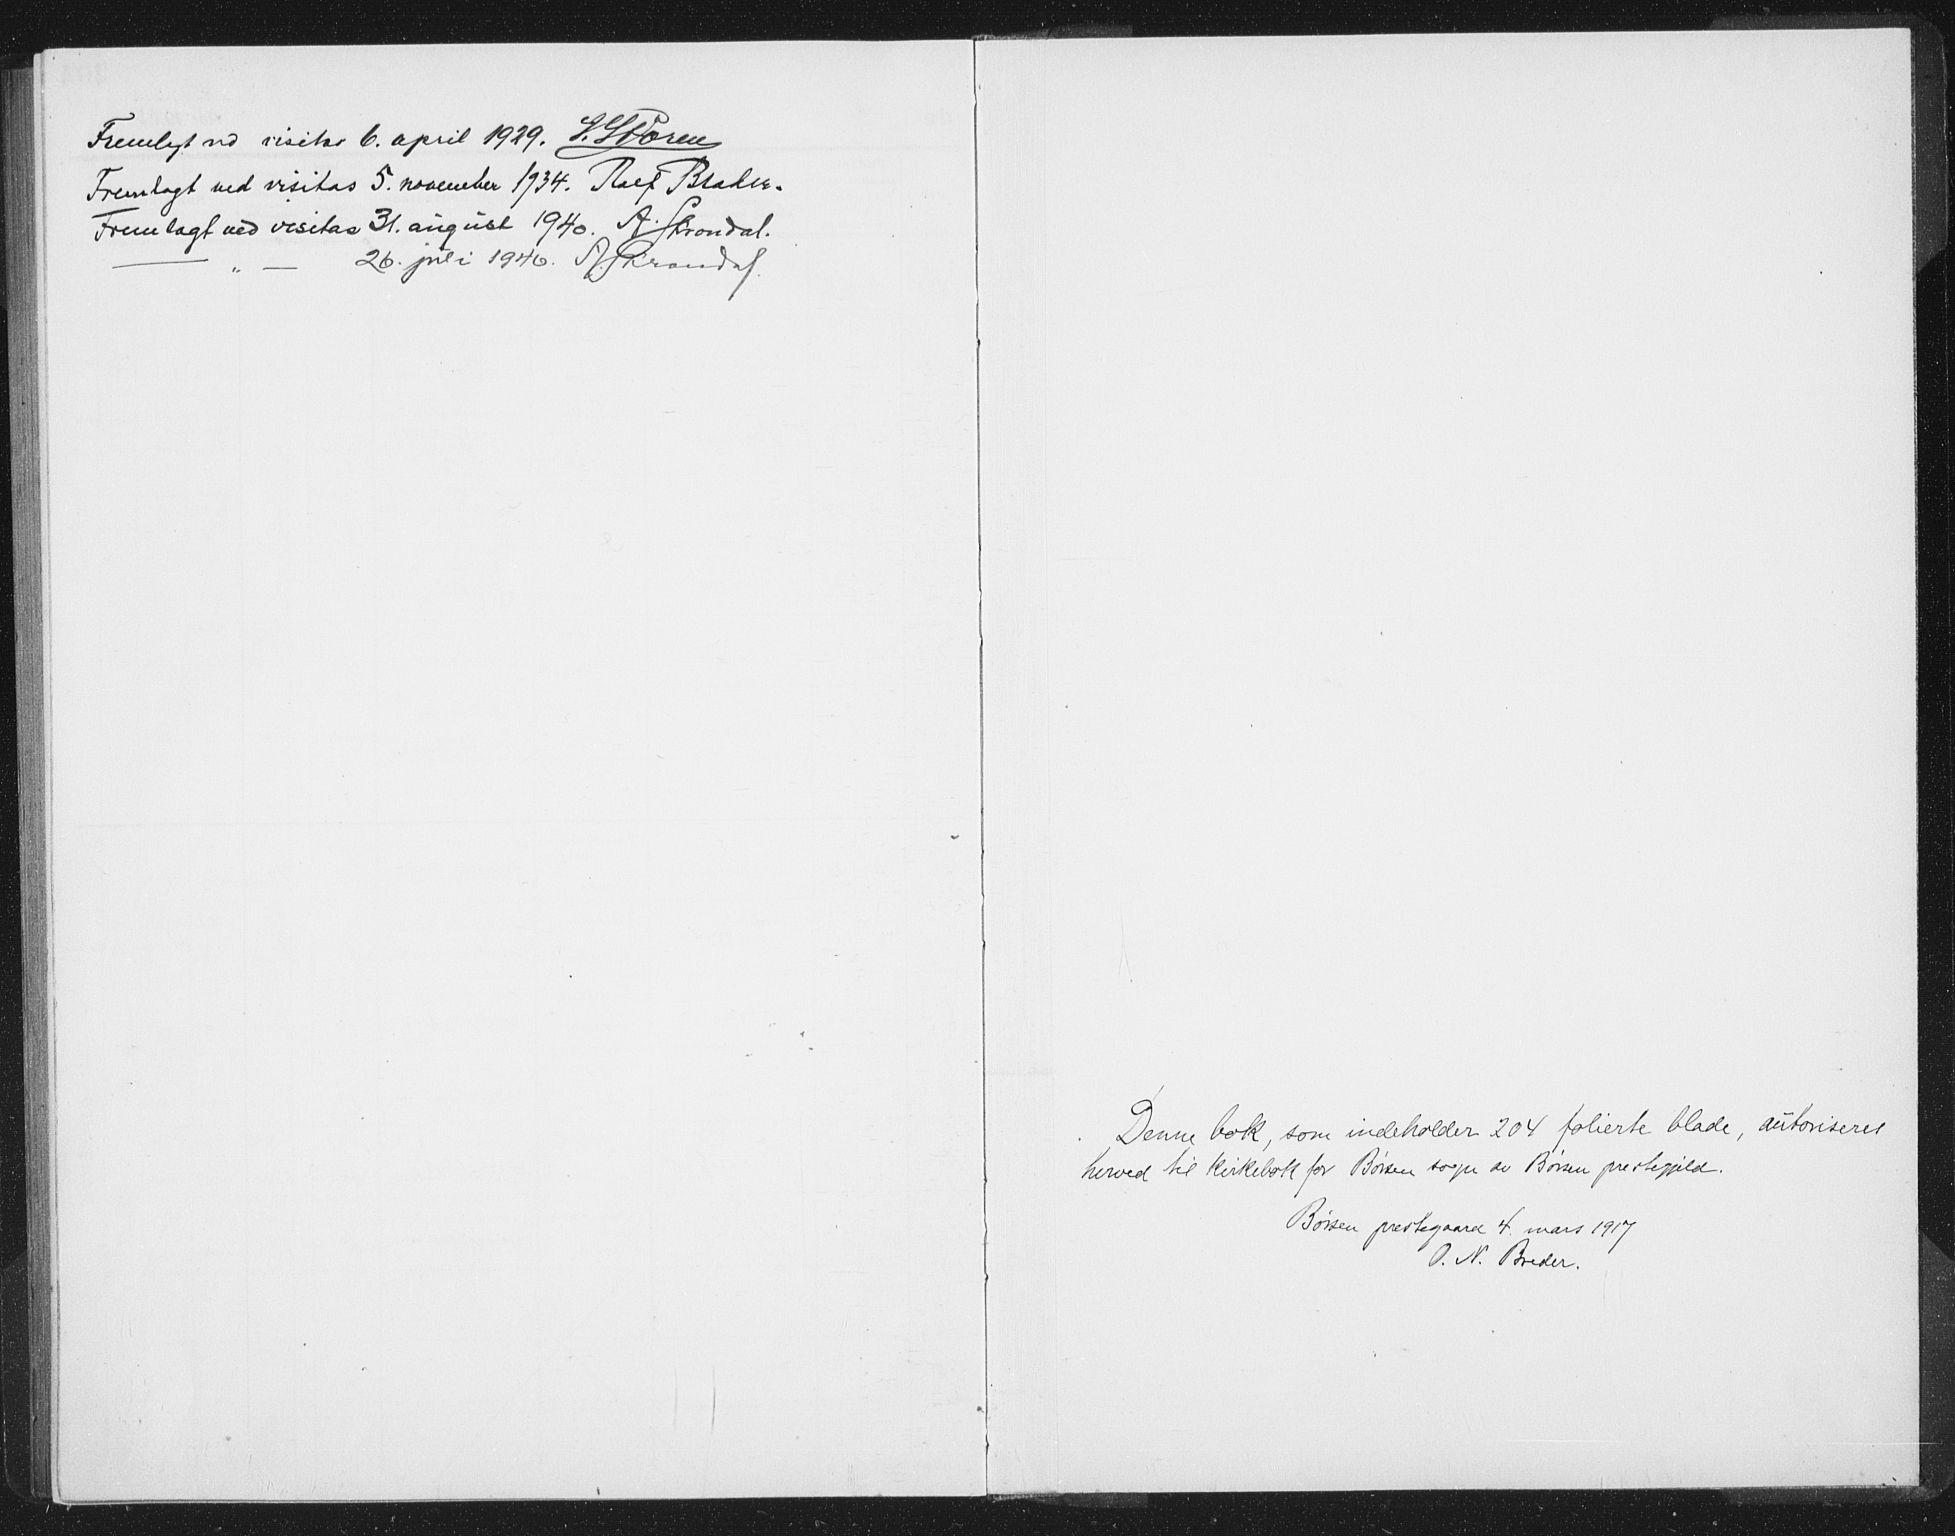 SAT, Ministerialprotokoller, klokkerbøker og fødselsregistre - Sør-Trøndelag, 665/L0778: Klokkerbok nr. 665C03, 1916-1938